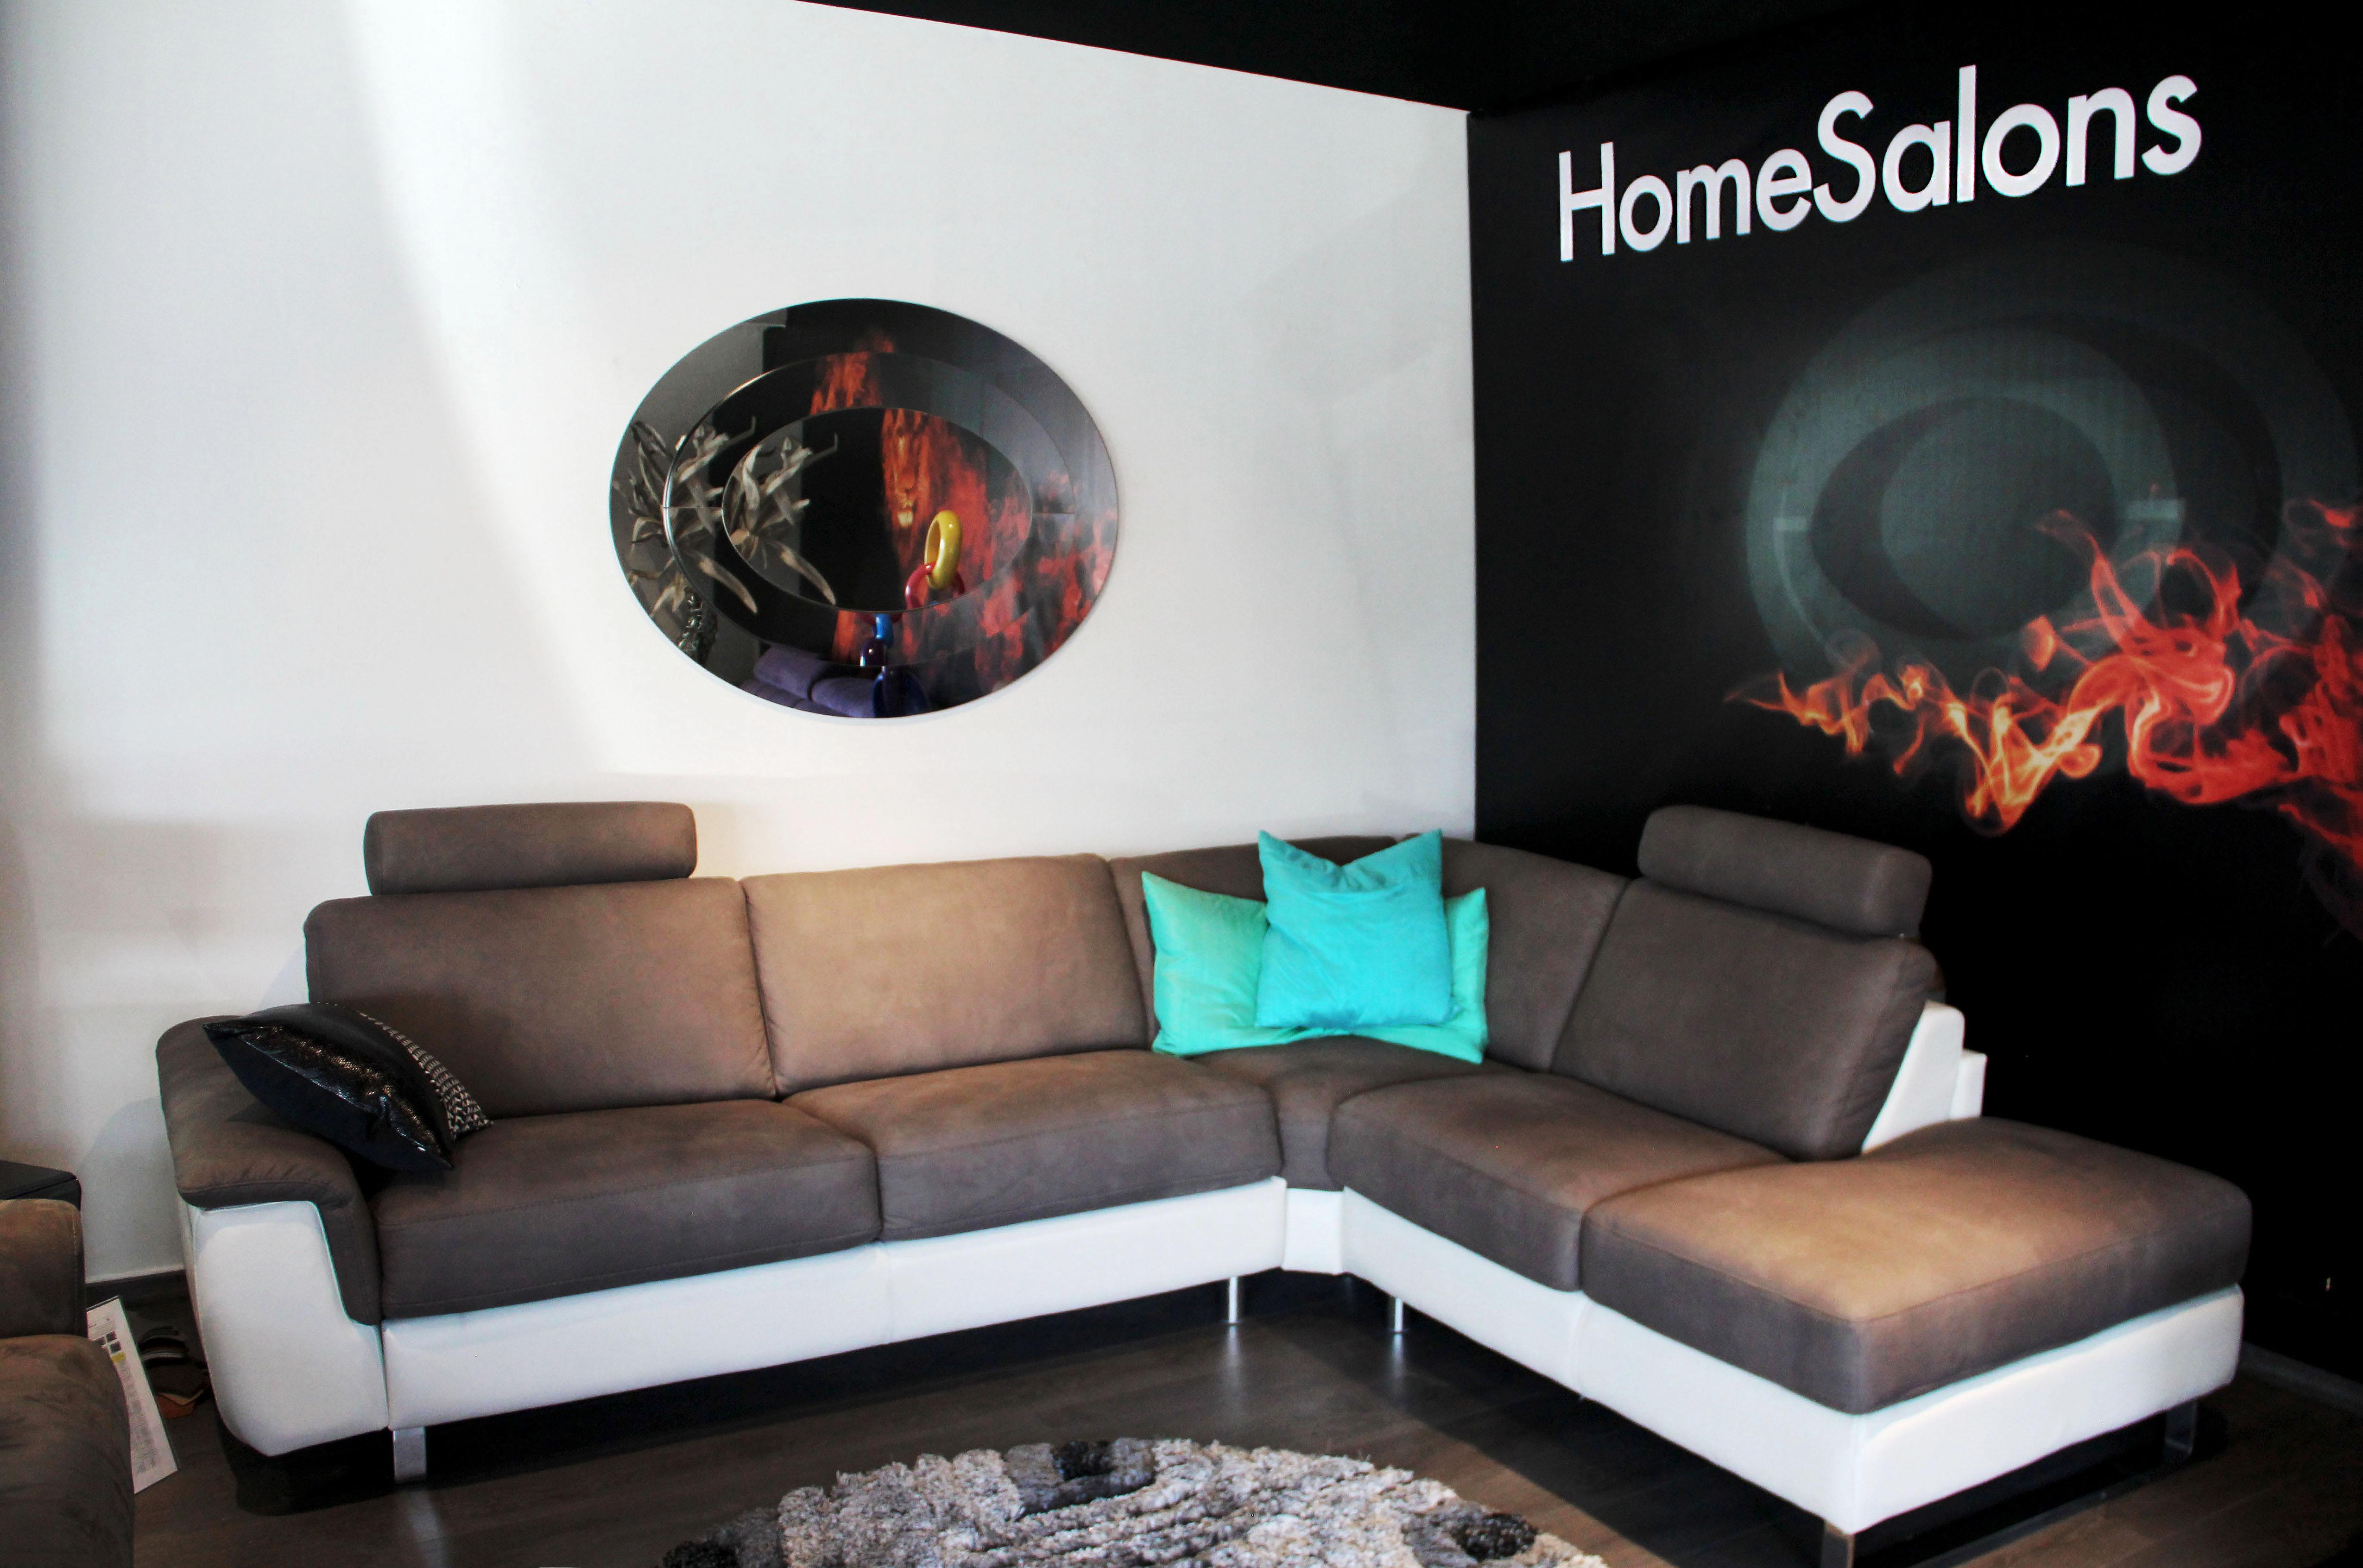 Качество, проверенное временем: как Home Salons объединили дизайн, технологии и стильный интерьер